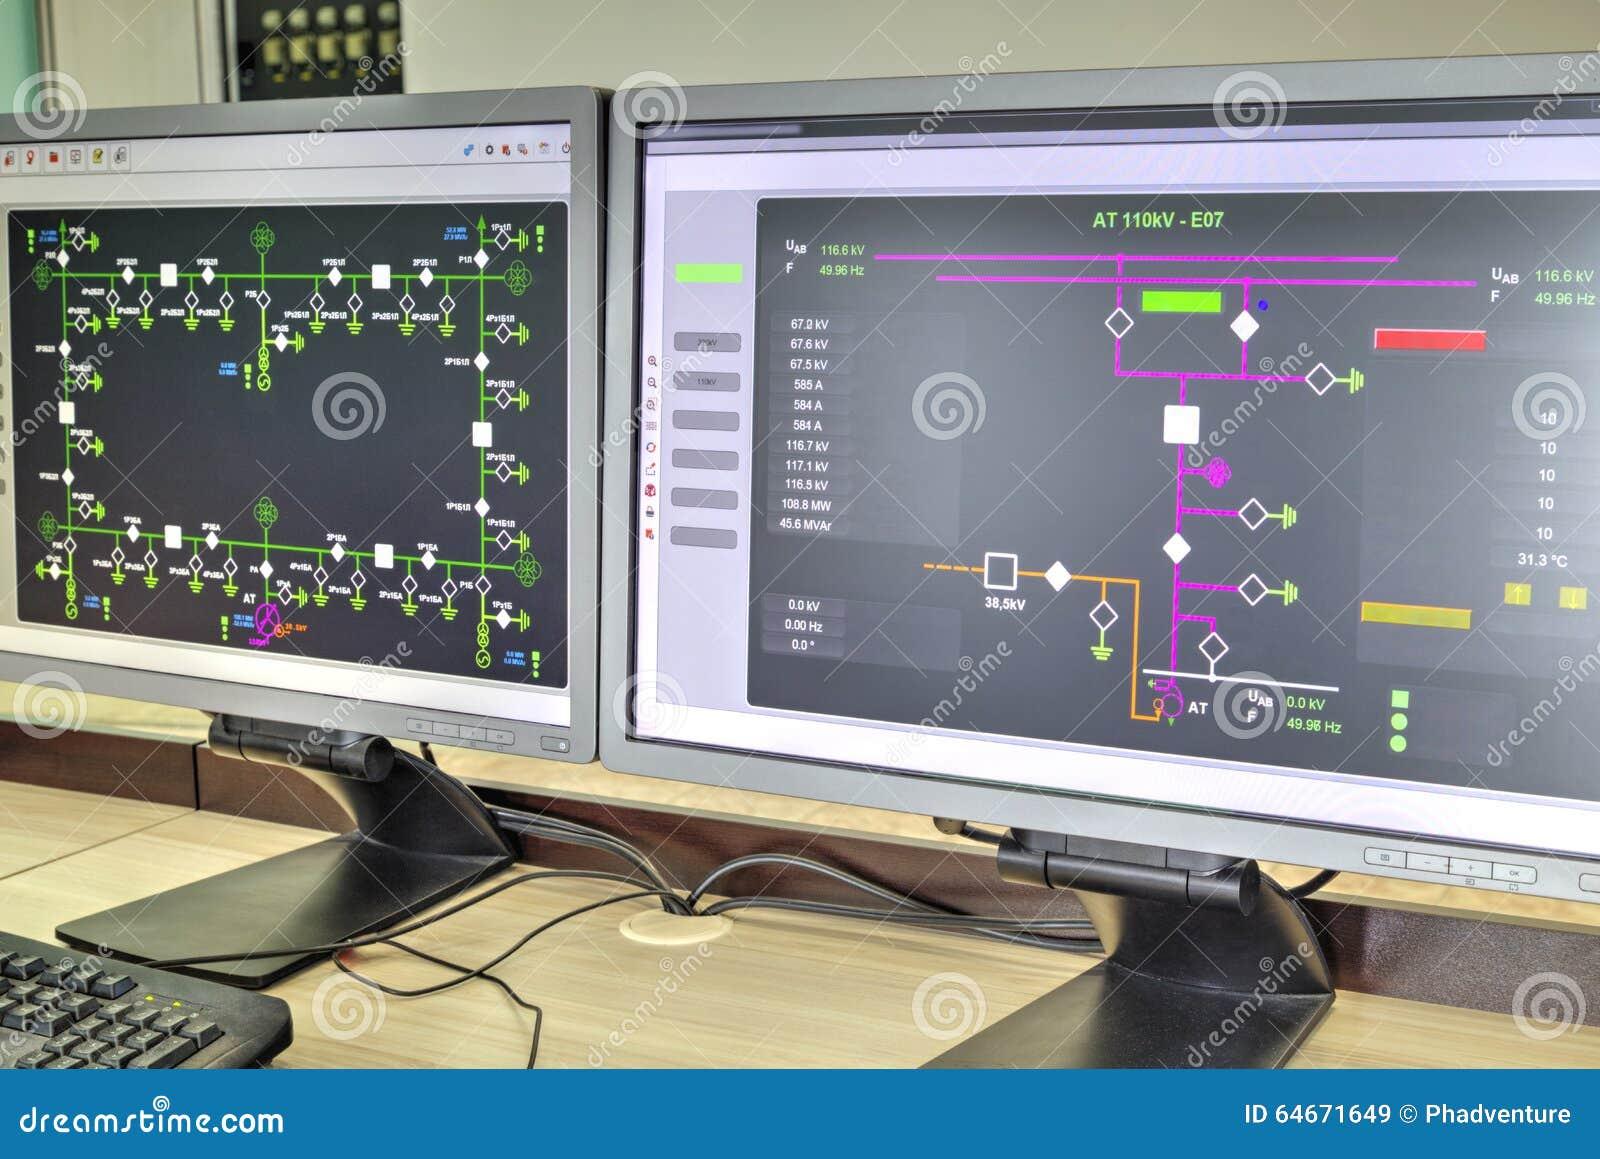 Computer e monitor con la rappresentazione schematica per di sorveglianza, controllo e dell acquisizione dei dati